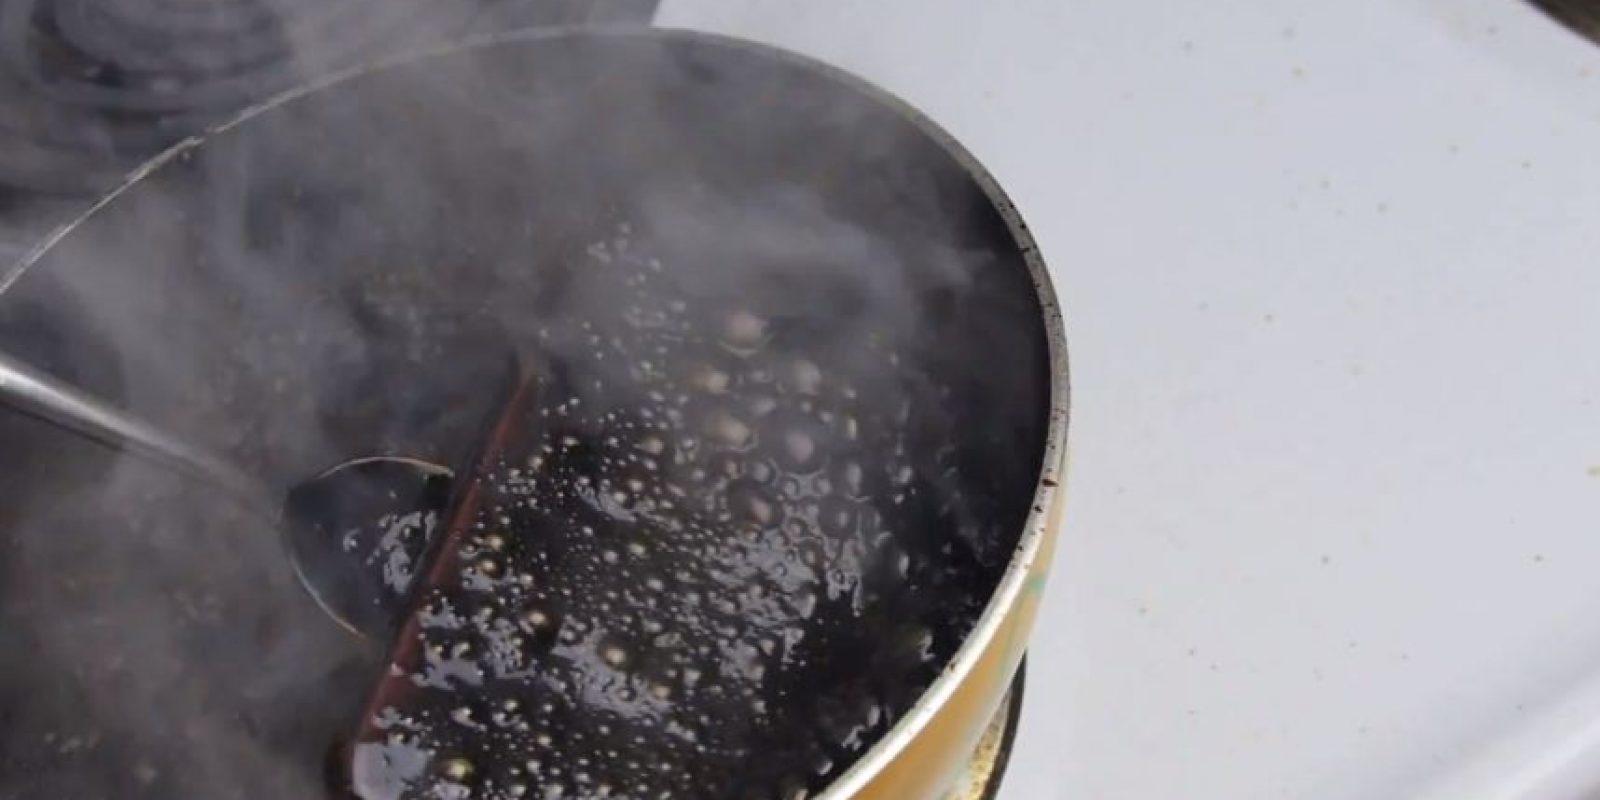 El líquido se comenzó a hacer espeso. Foto:TechRax / YouTube